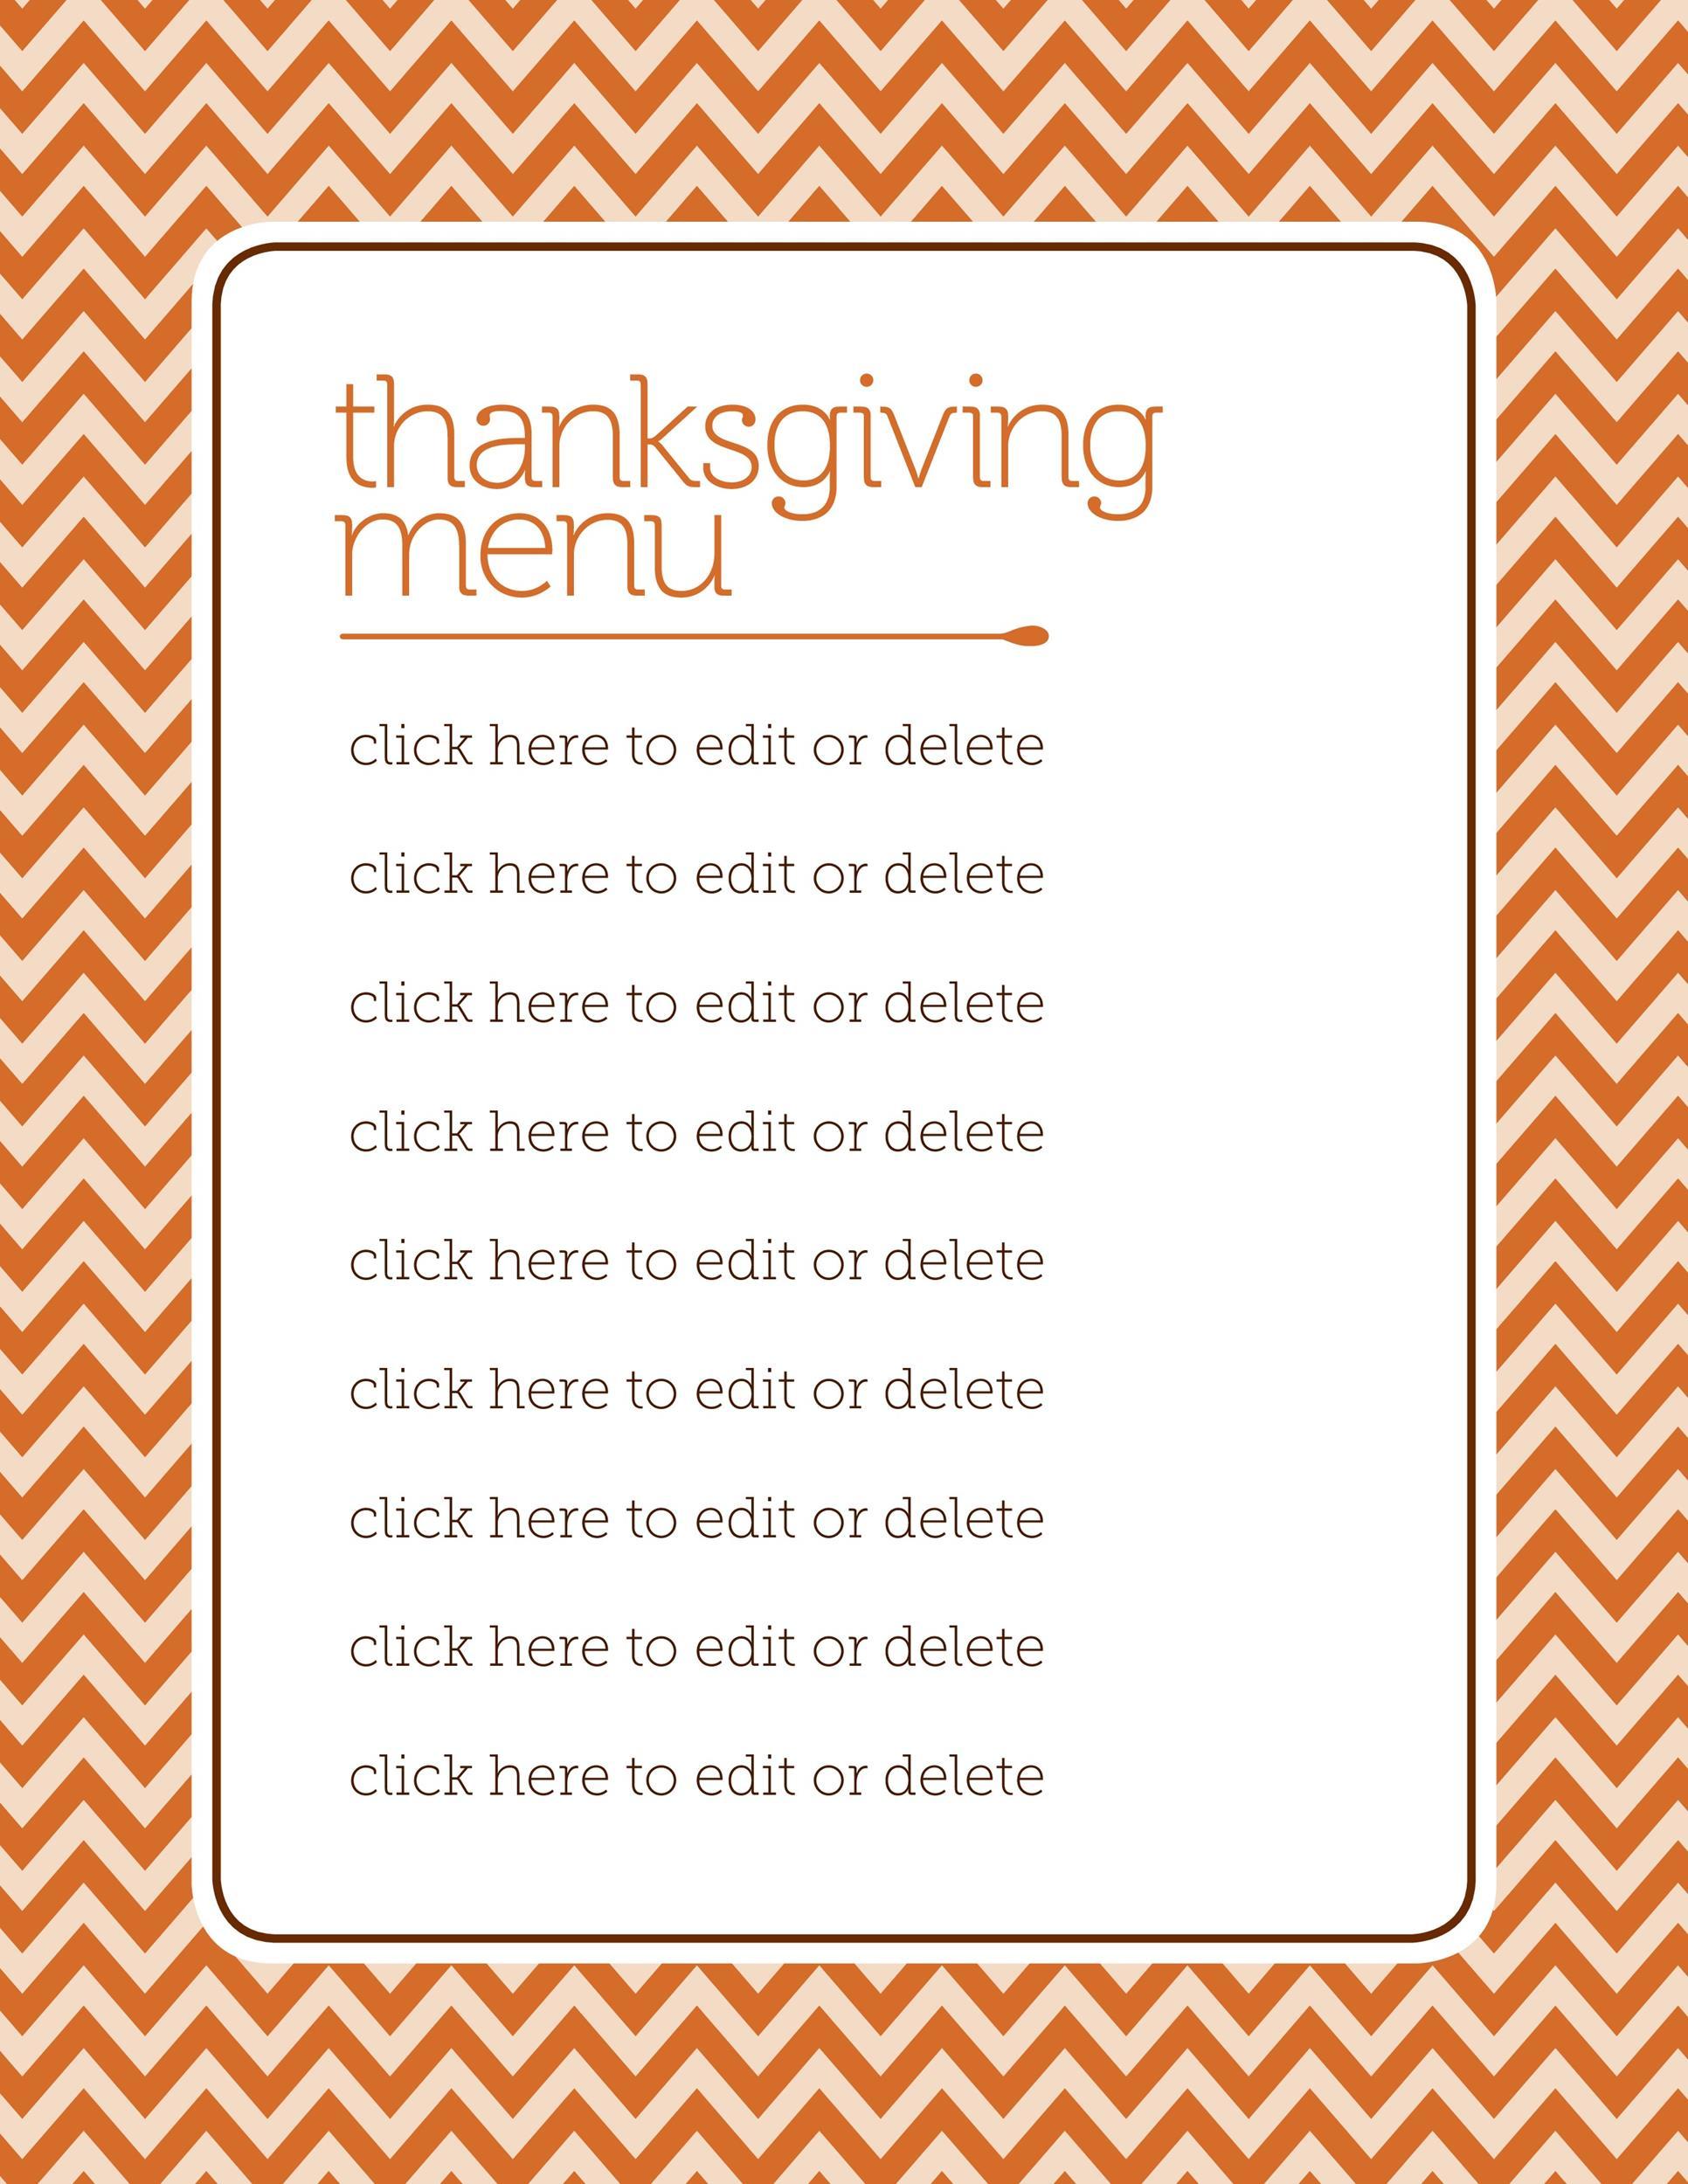 Free thanksgiving menu template 22